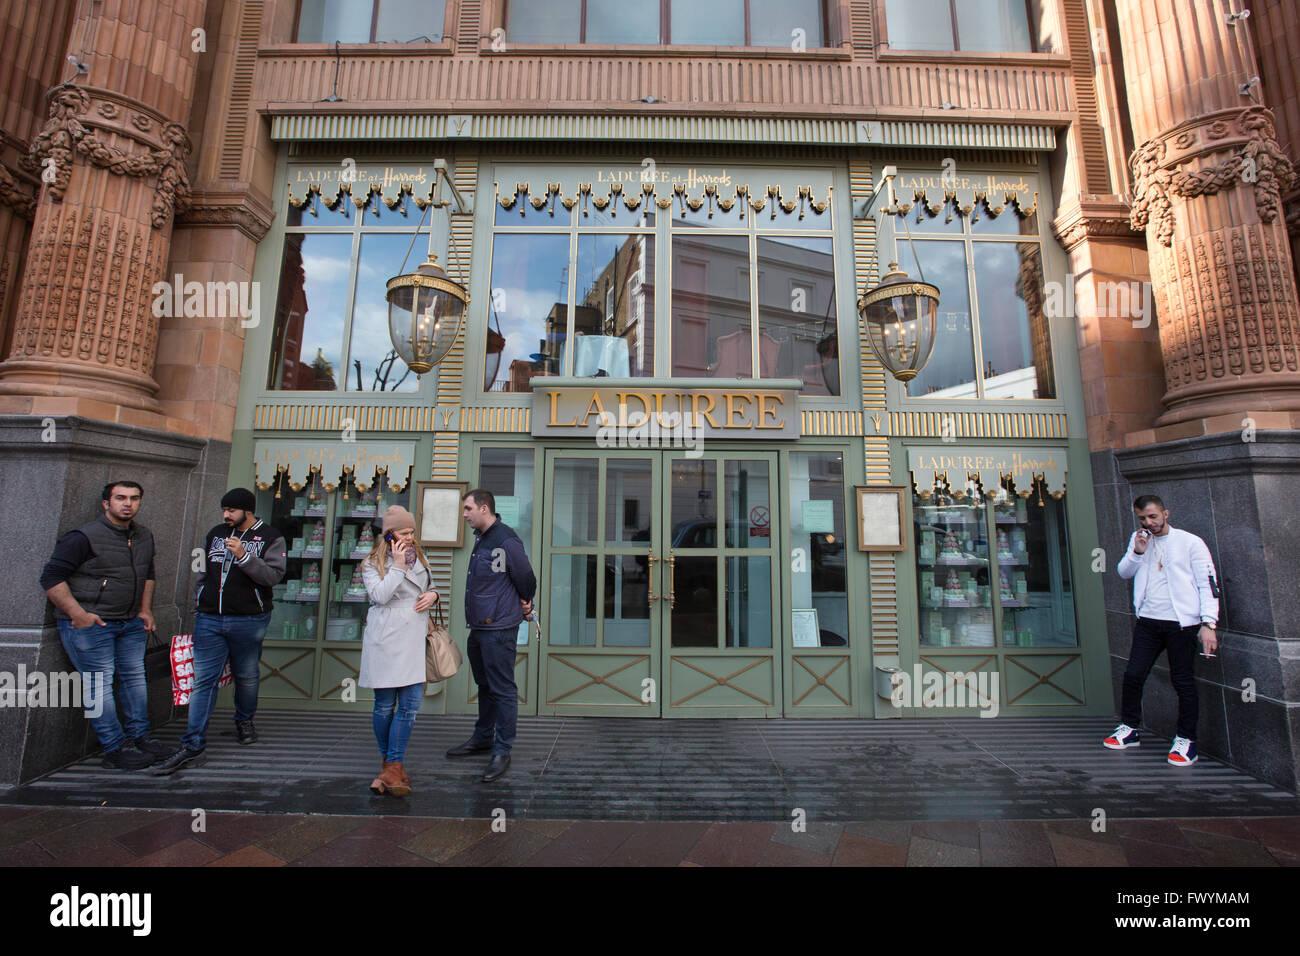 Harrods Ladurée, luxury Parisian tea room, Harrods, Knightsbridge, London, UK - Stock Image